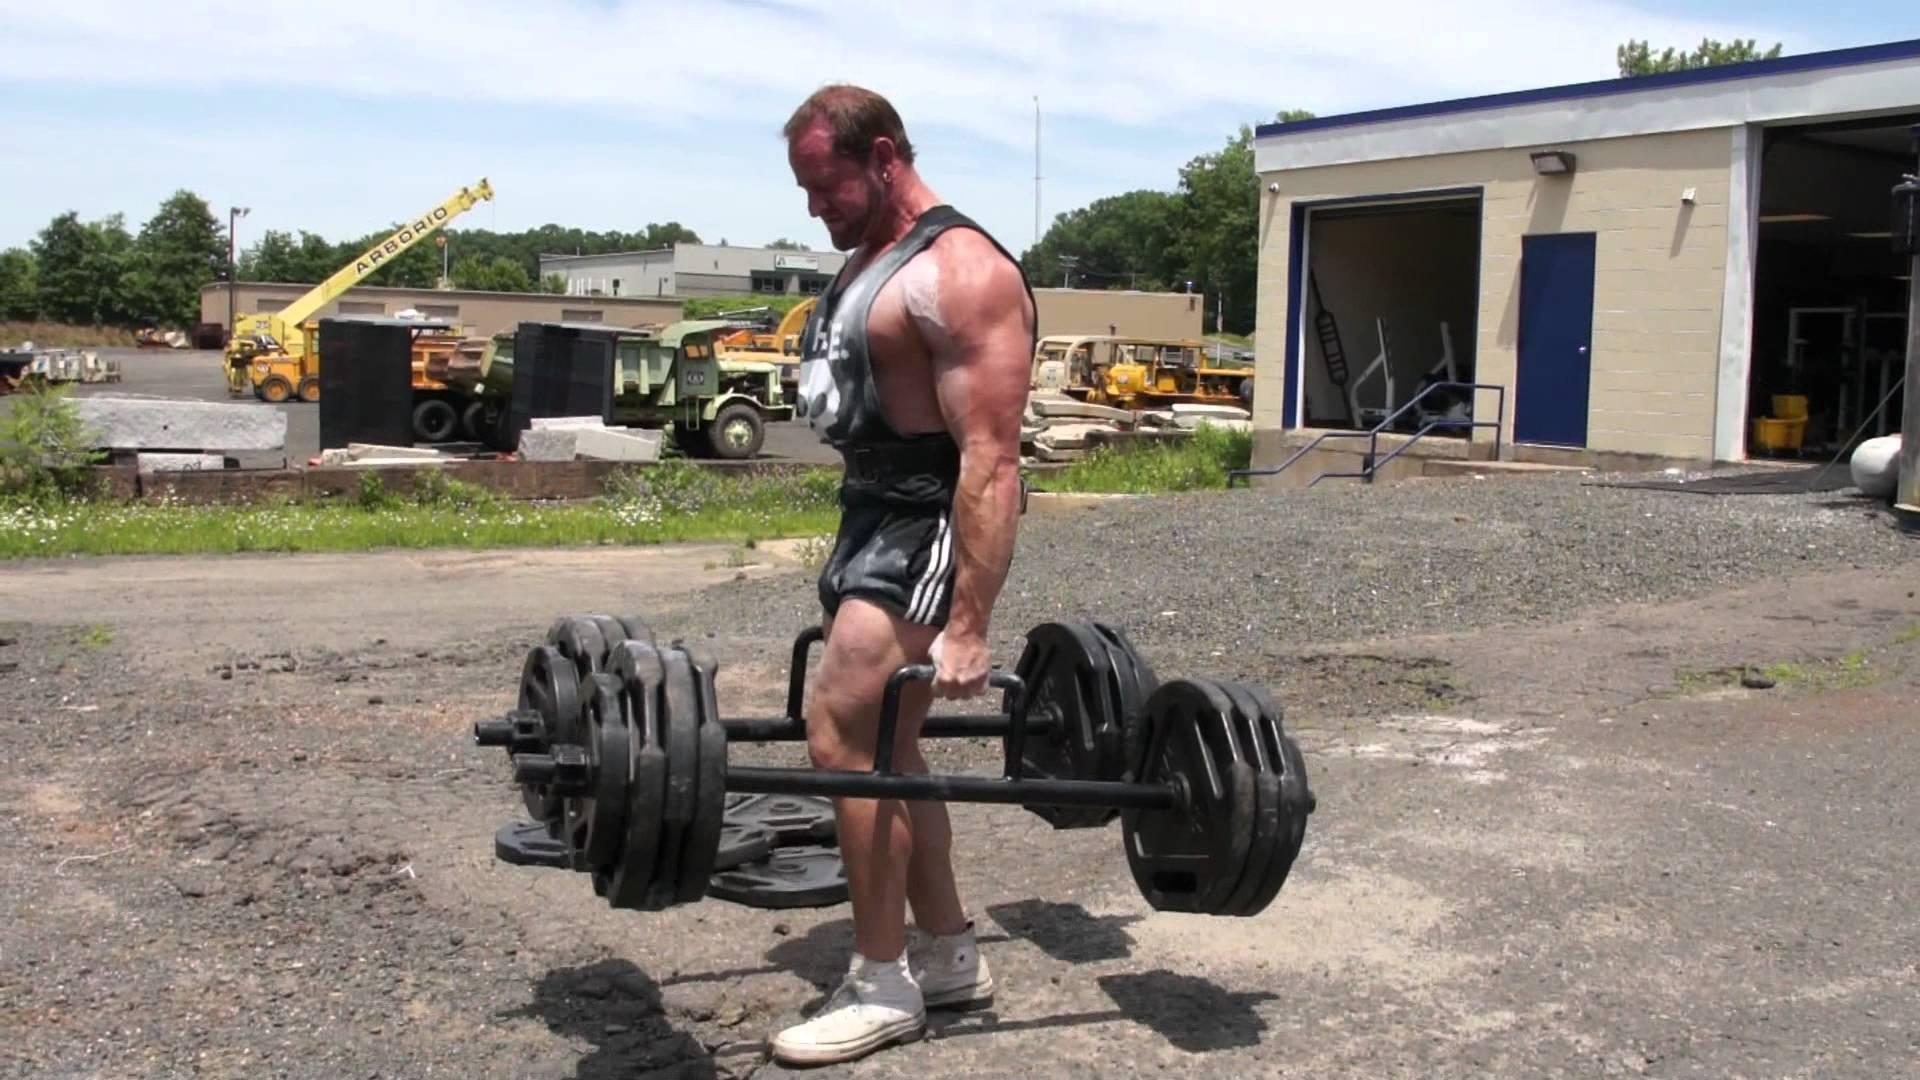 какими упражнениями можно убрать жир со спины